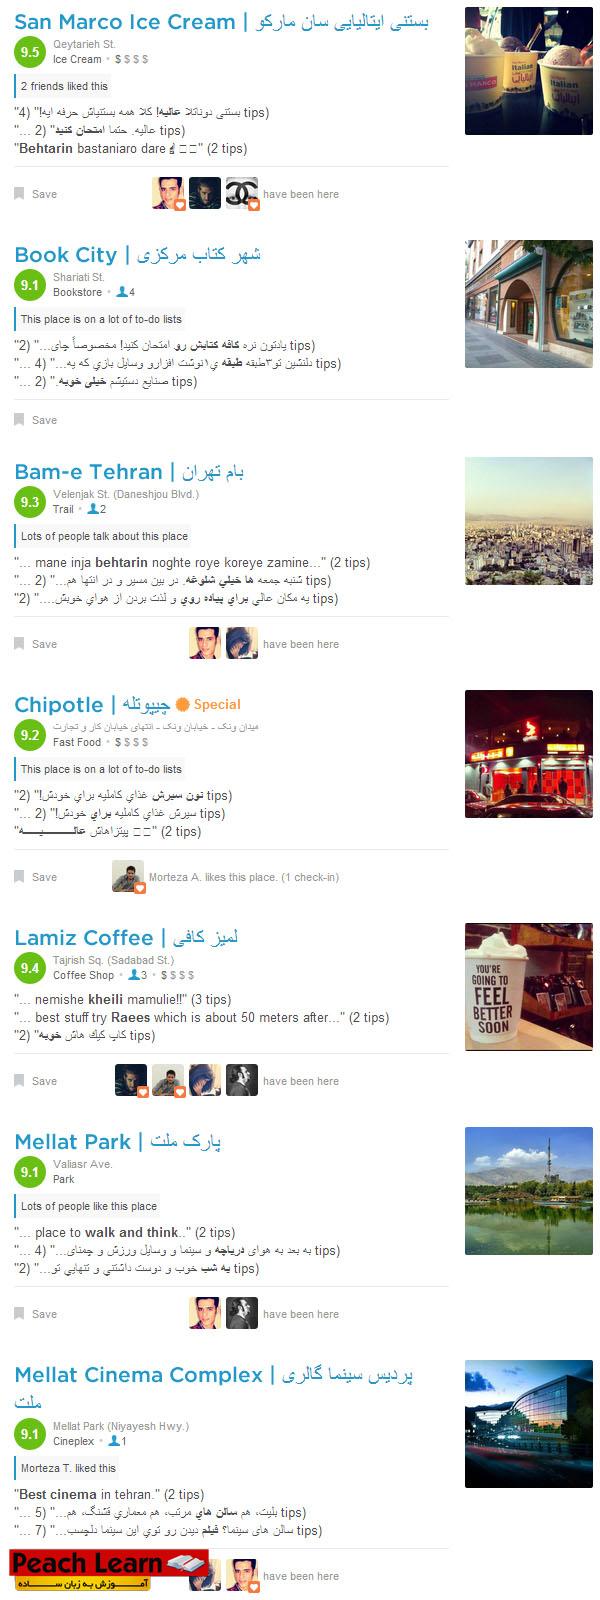 02 معرفی شبکه اجتماعی Foursquare و آموزش استفاده از آن